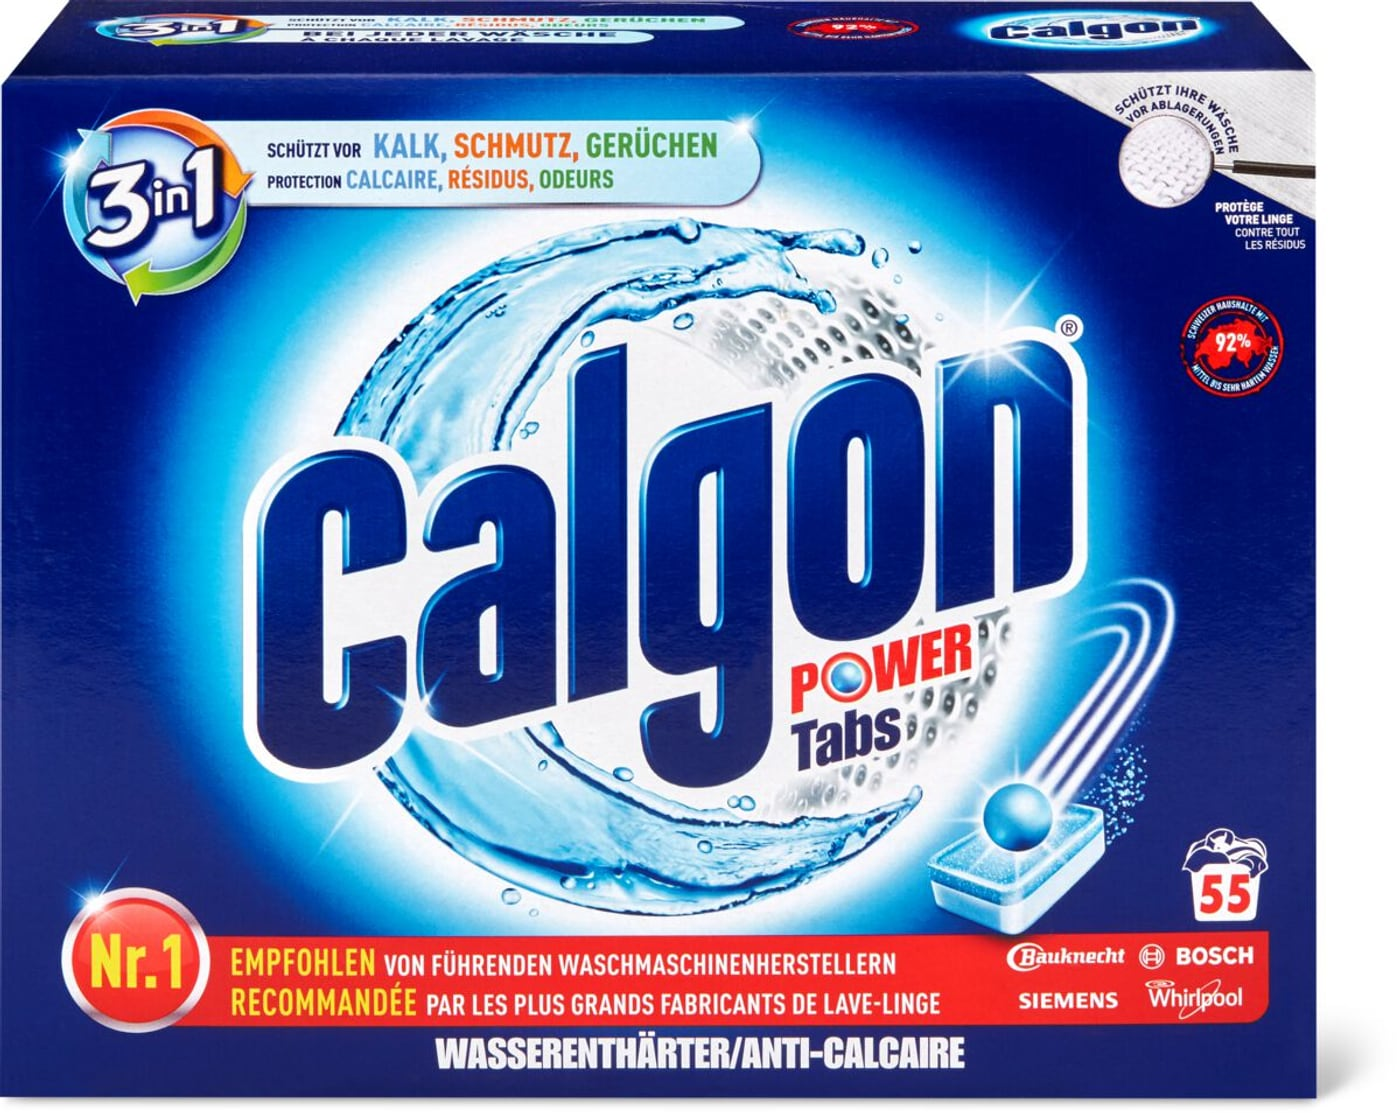 Waschmaschine anwendung tabs calgon Waschmaschine reinigen